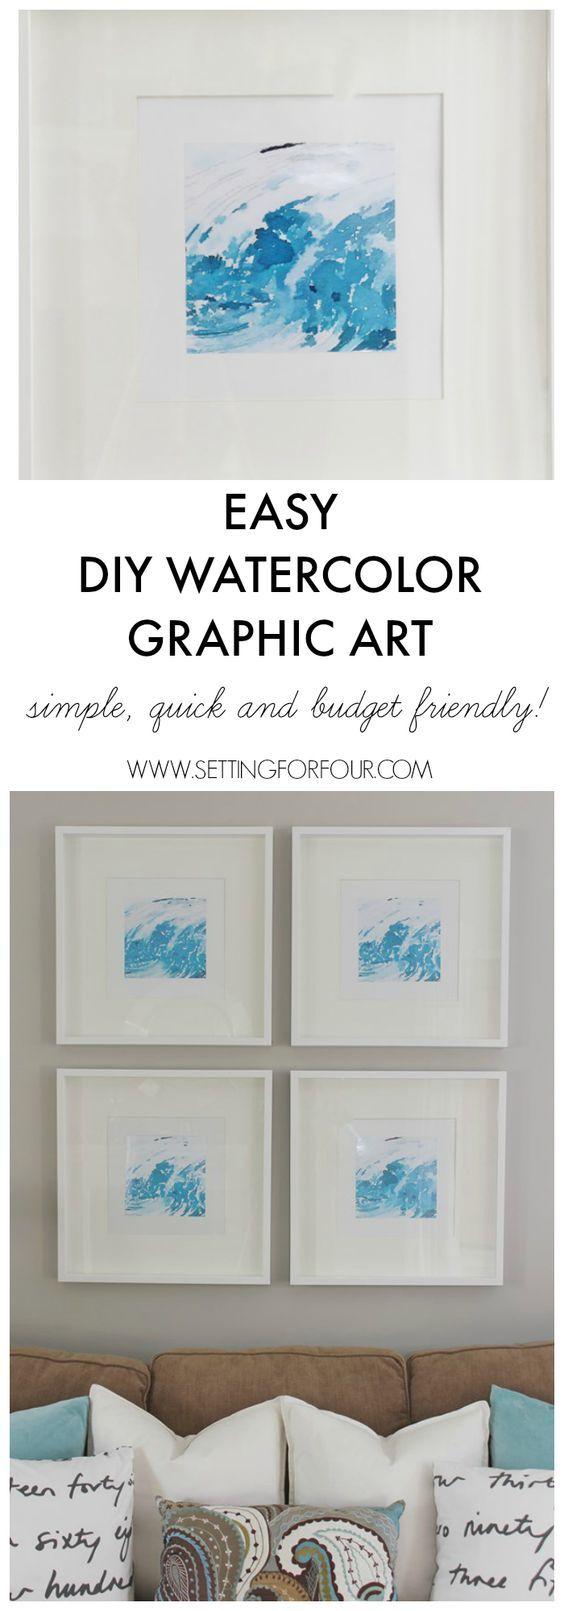 Easy DIY Watercolor Graphic Wall Art